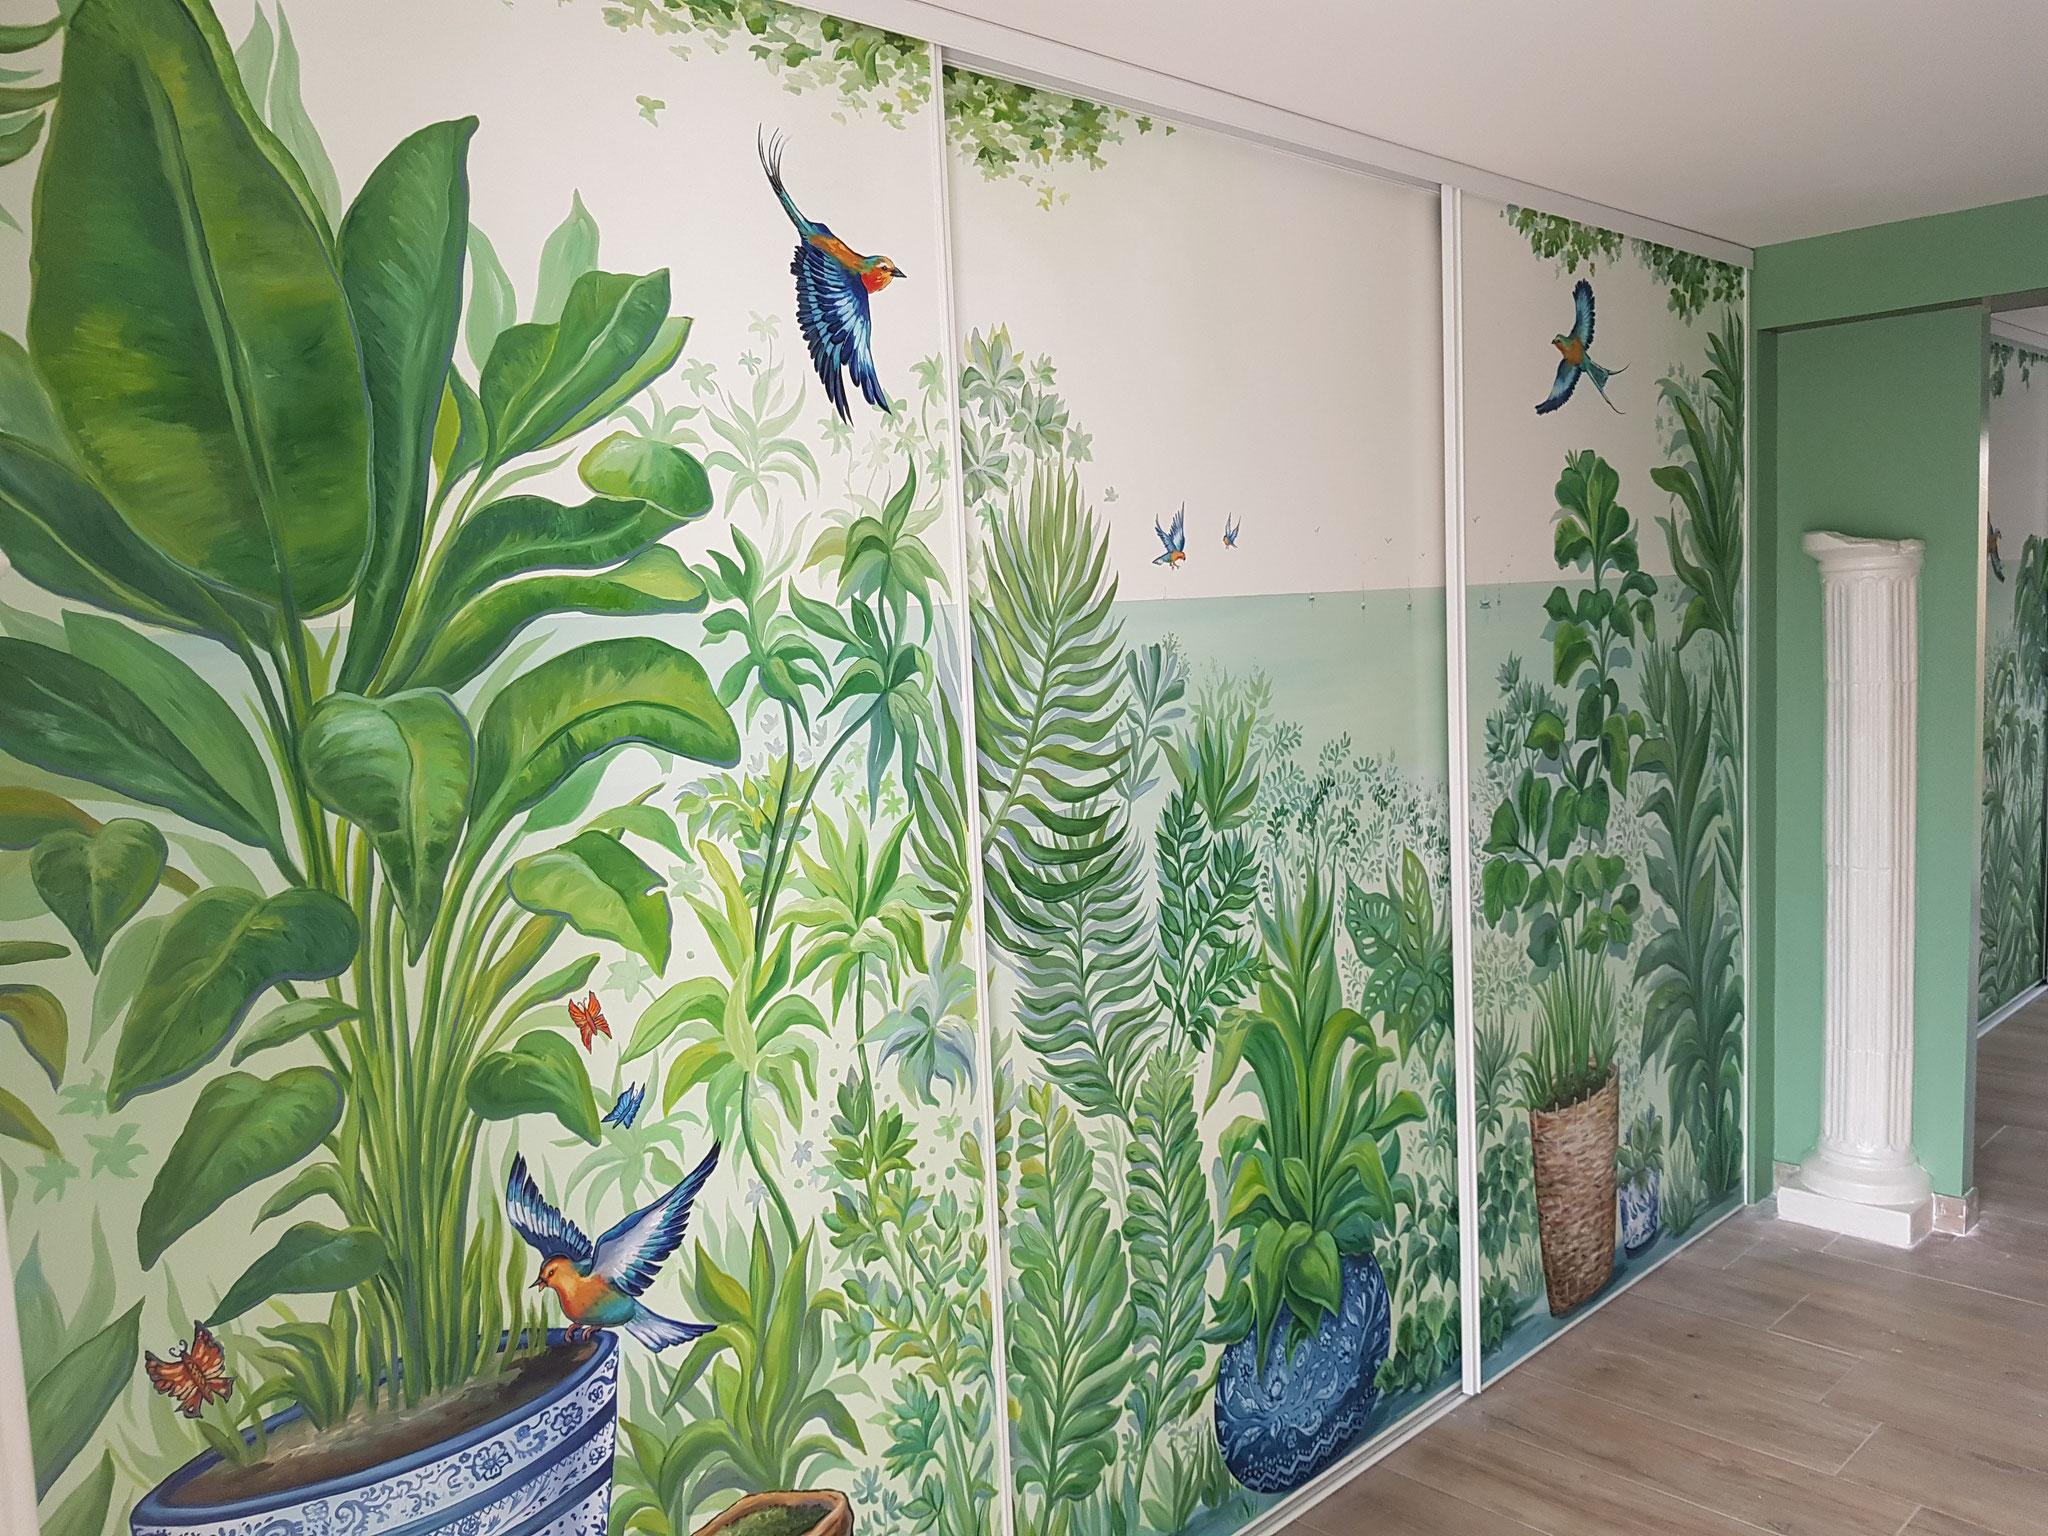 Décor peint sur placard 2 x 3.5m et peintures murales assorties